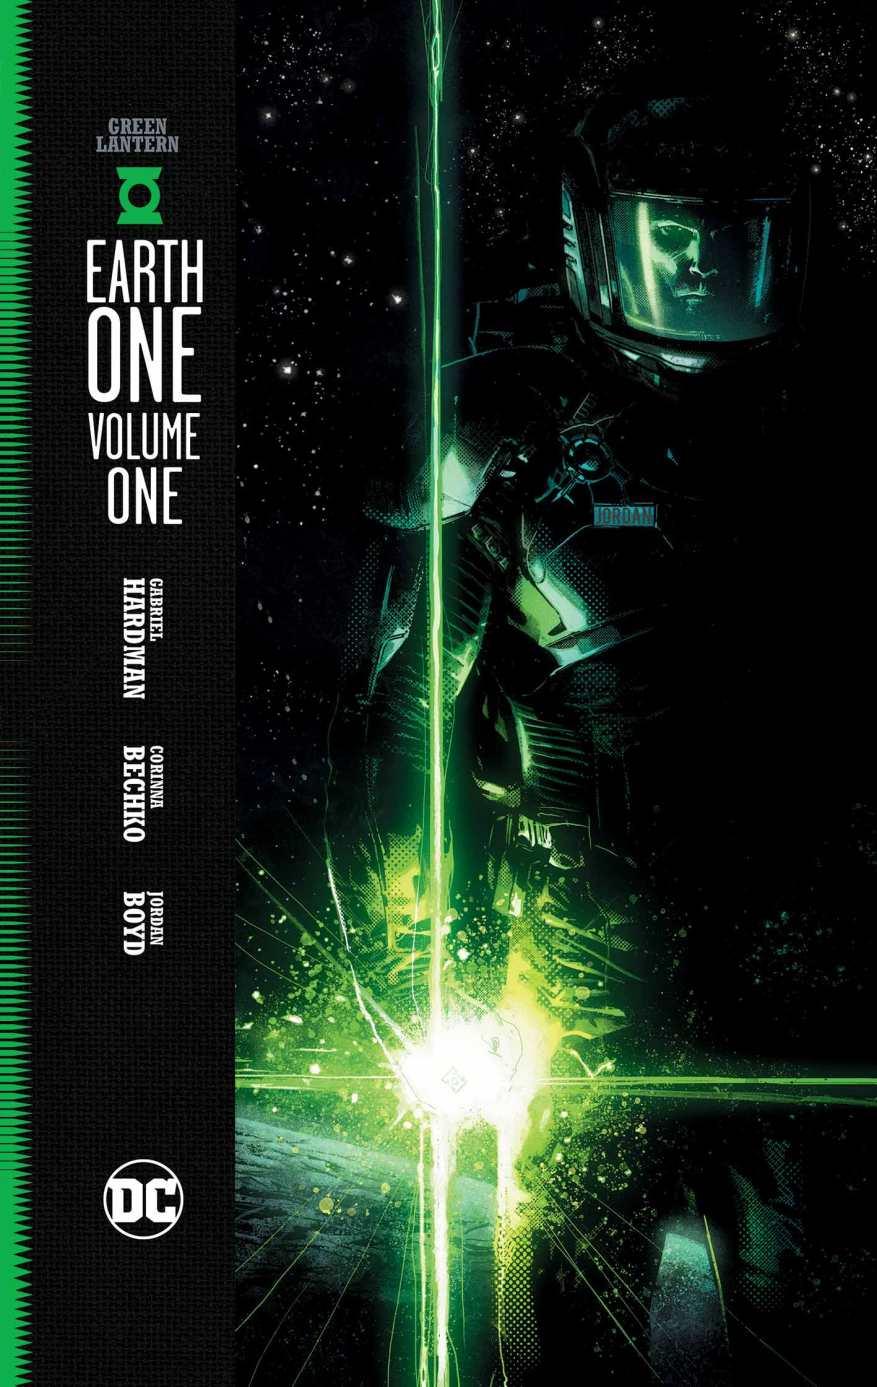 Green_Lantern_Earth_One_Vol_1_1